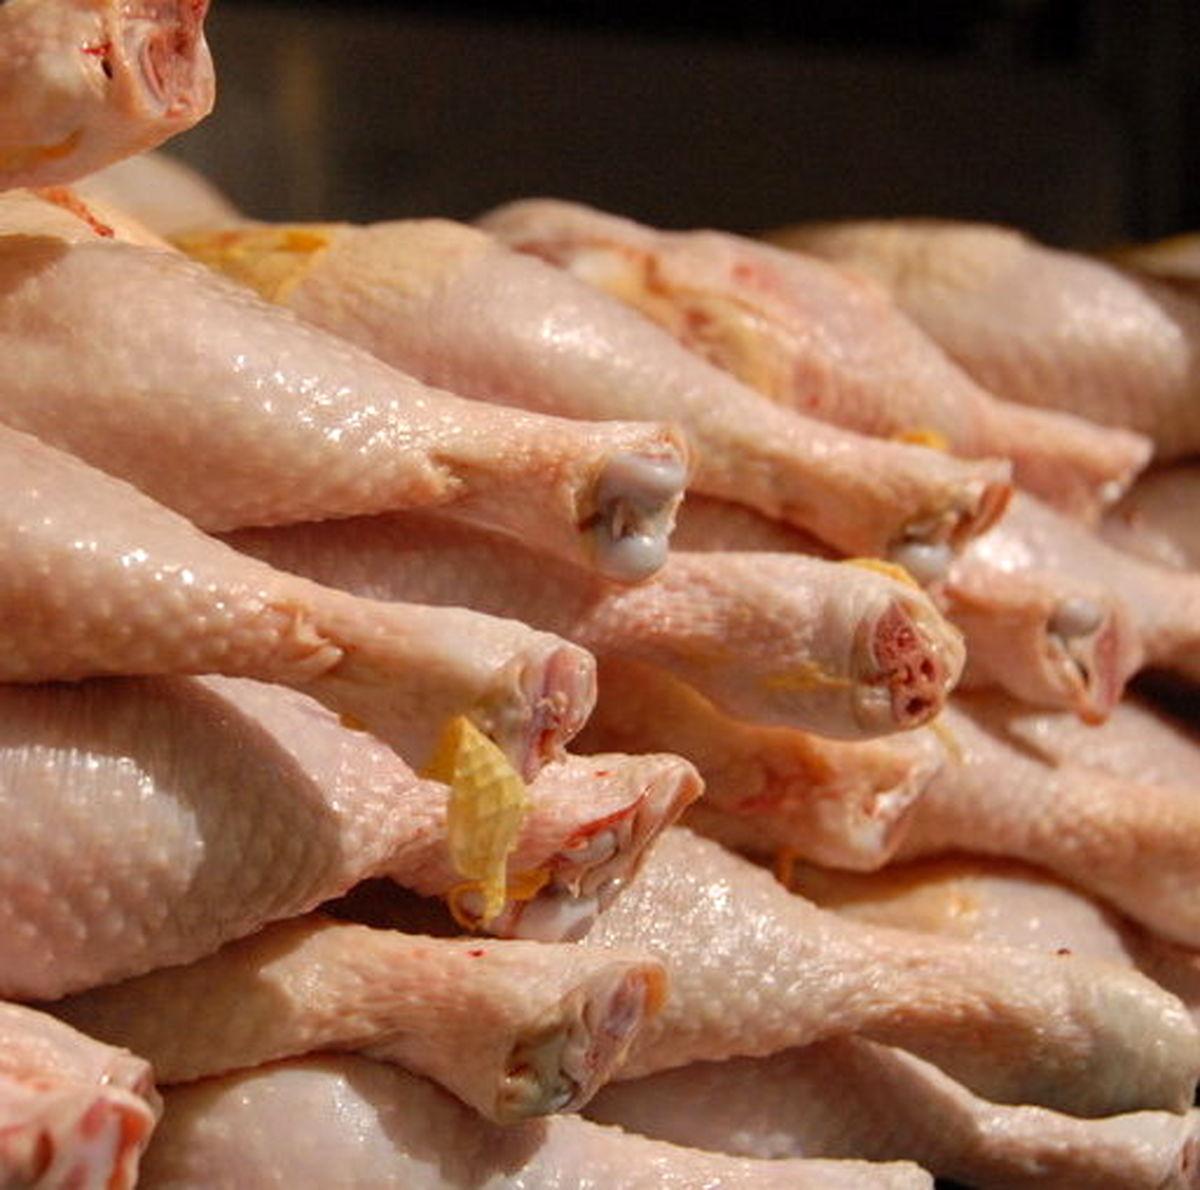 قیمت مرغ قبل از تعطیلات اعلام شد | جدول قیمت